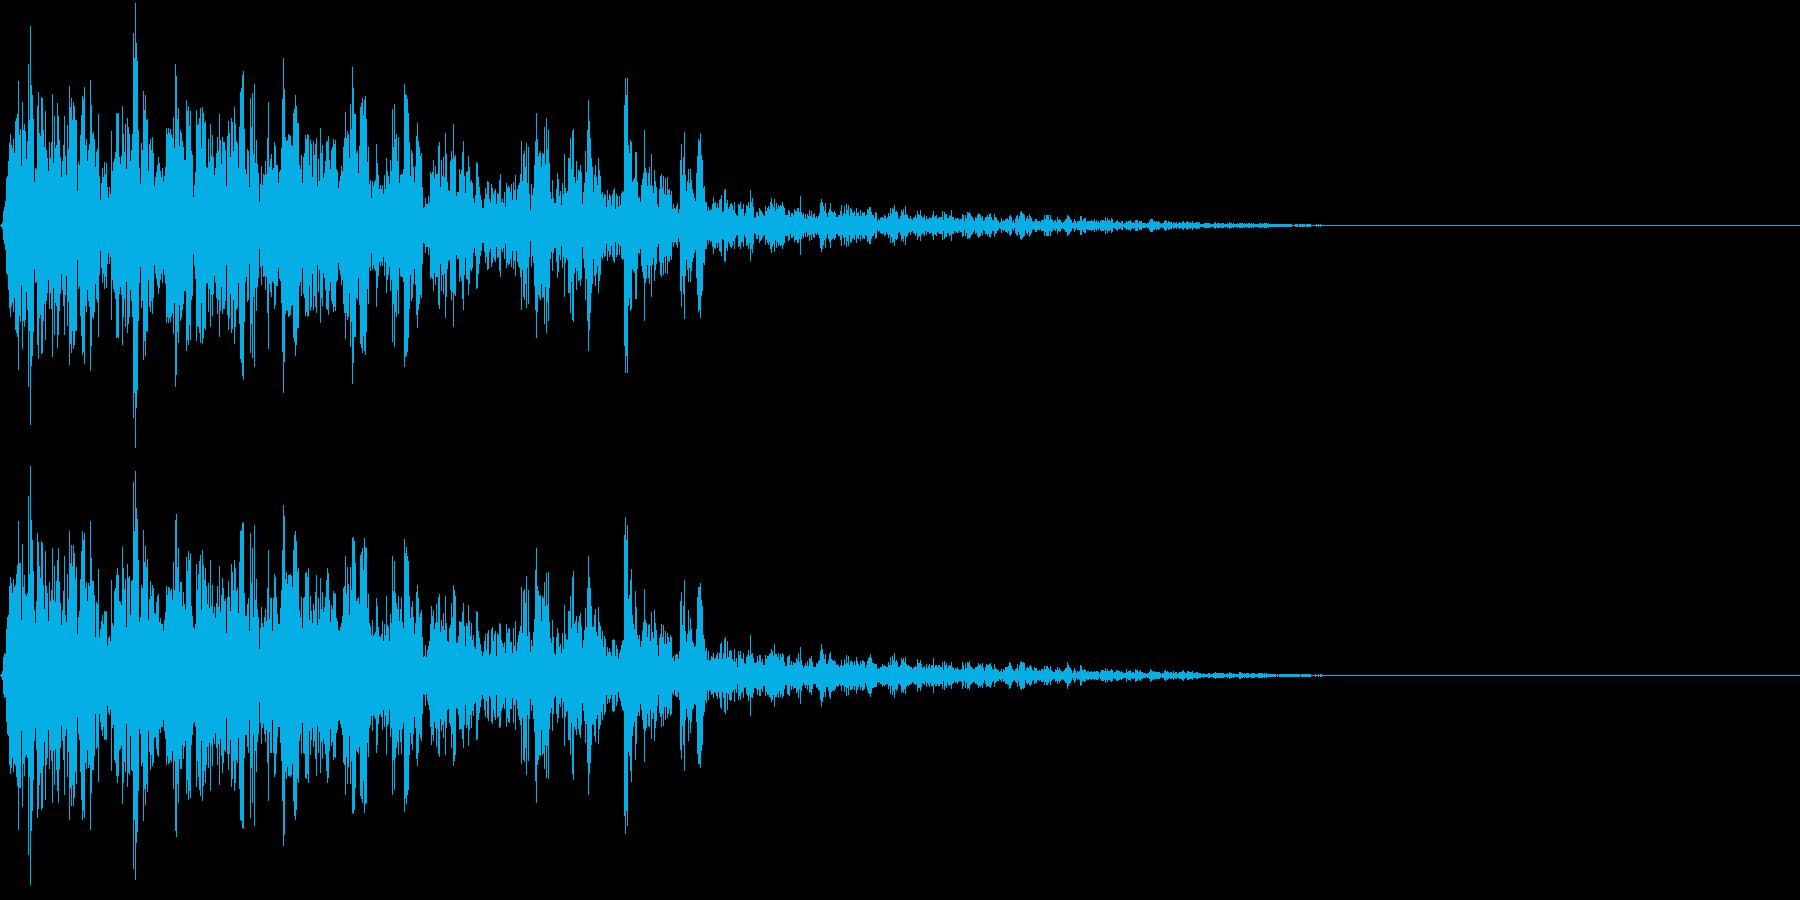 エンジン停止音の再生済みの波形